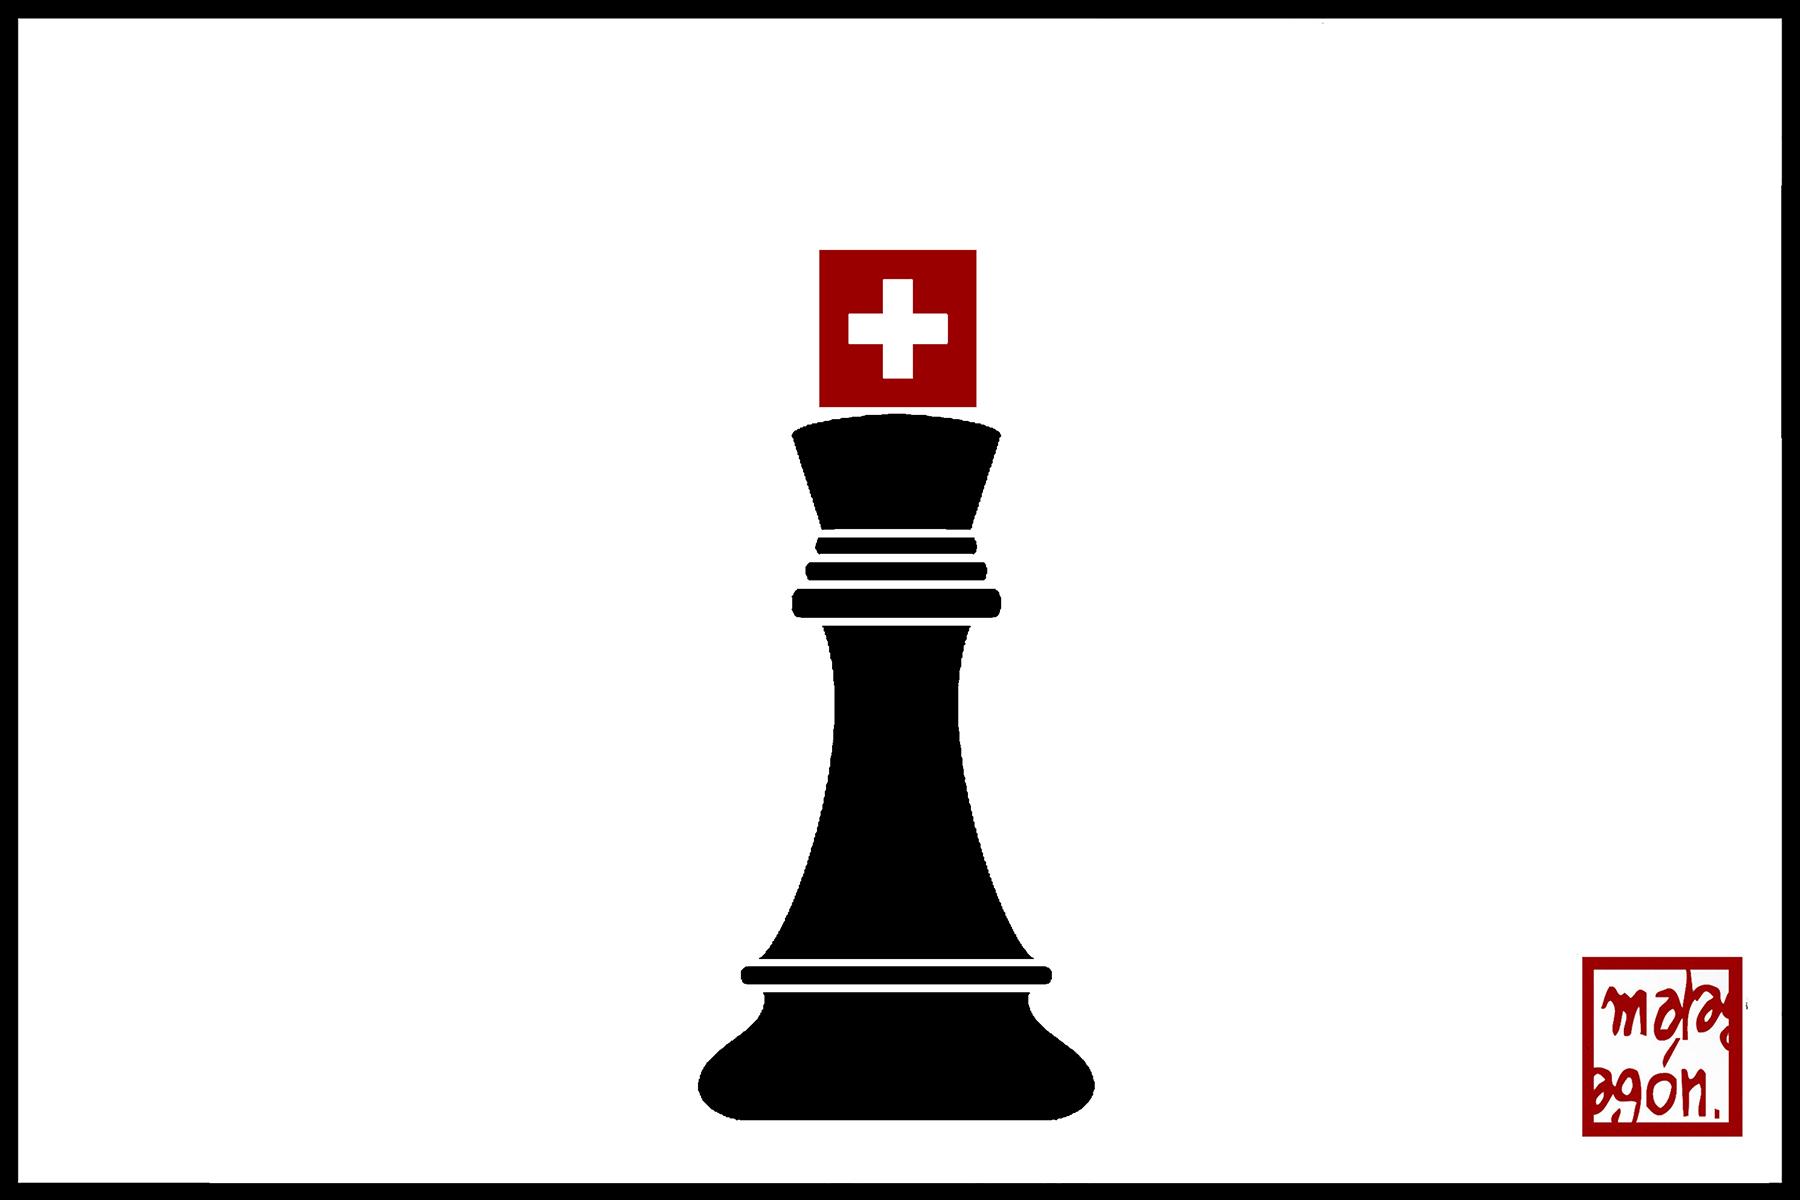 <p>Rey en Suiza.</p>